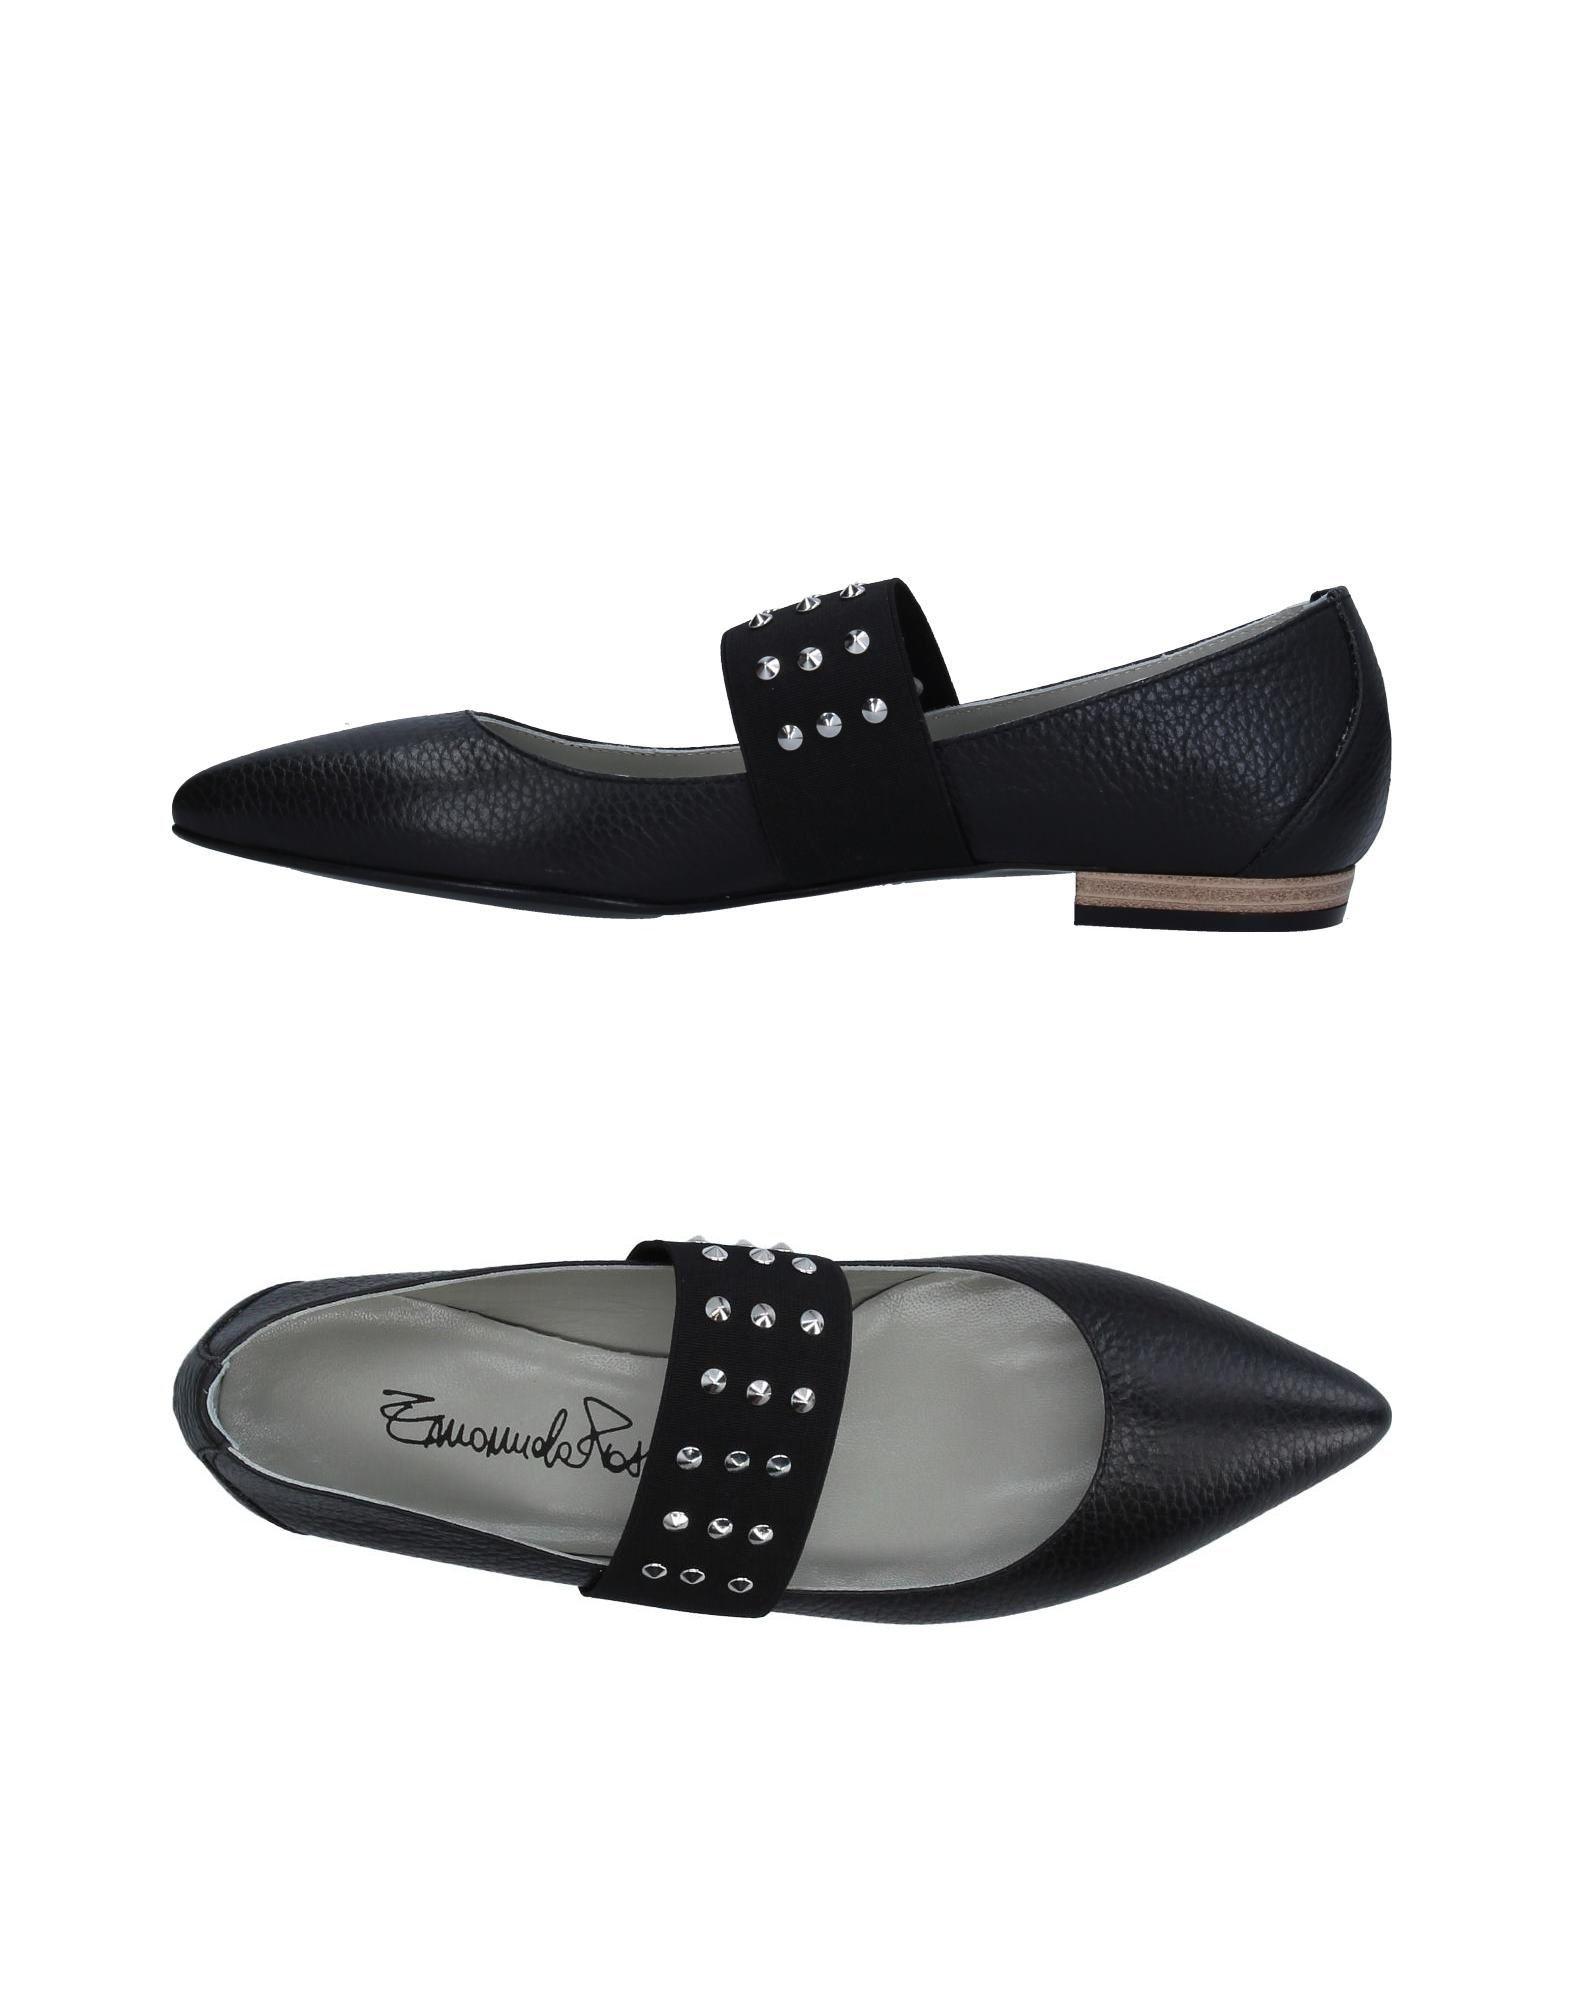 Emanuela Passeri Ballerinas Damen  11331740CP Gute Qualität beliebte Schuhe